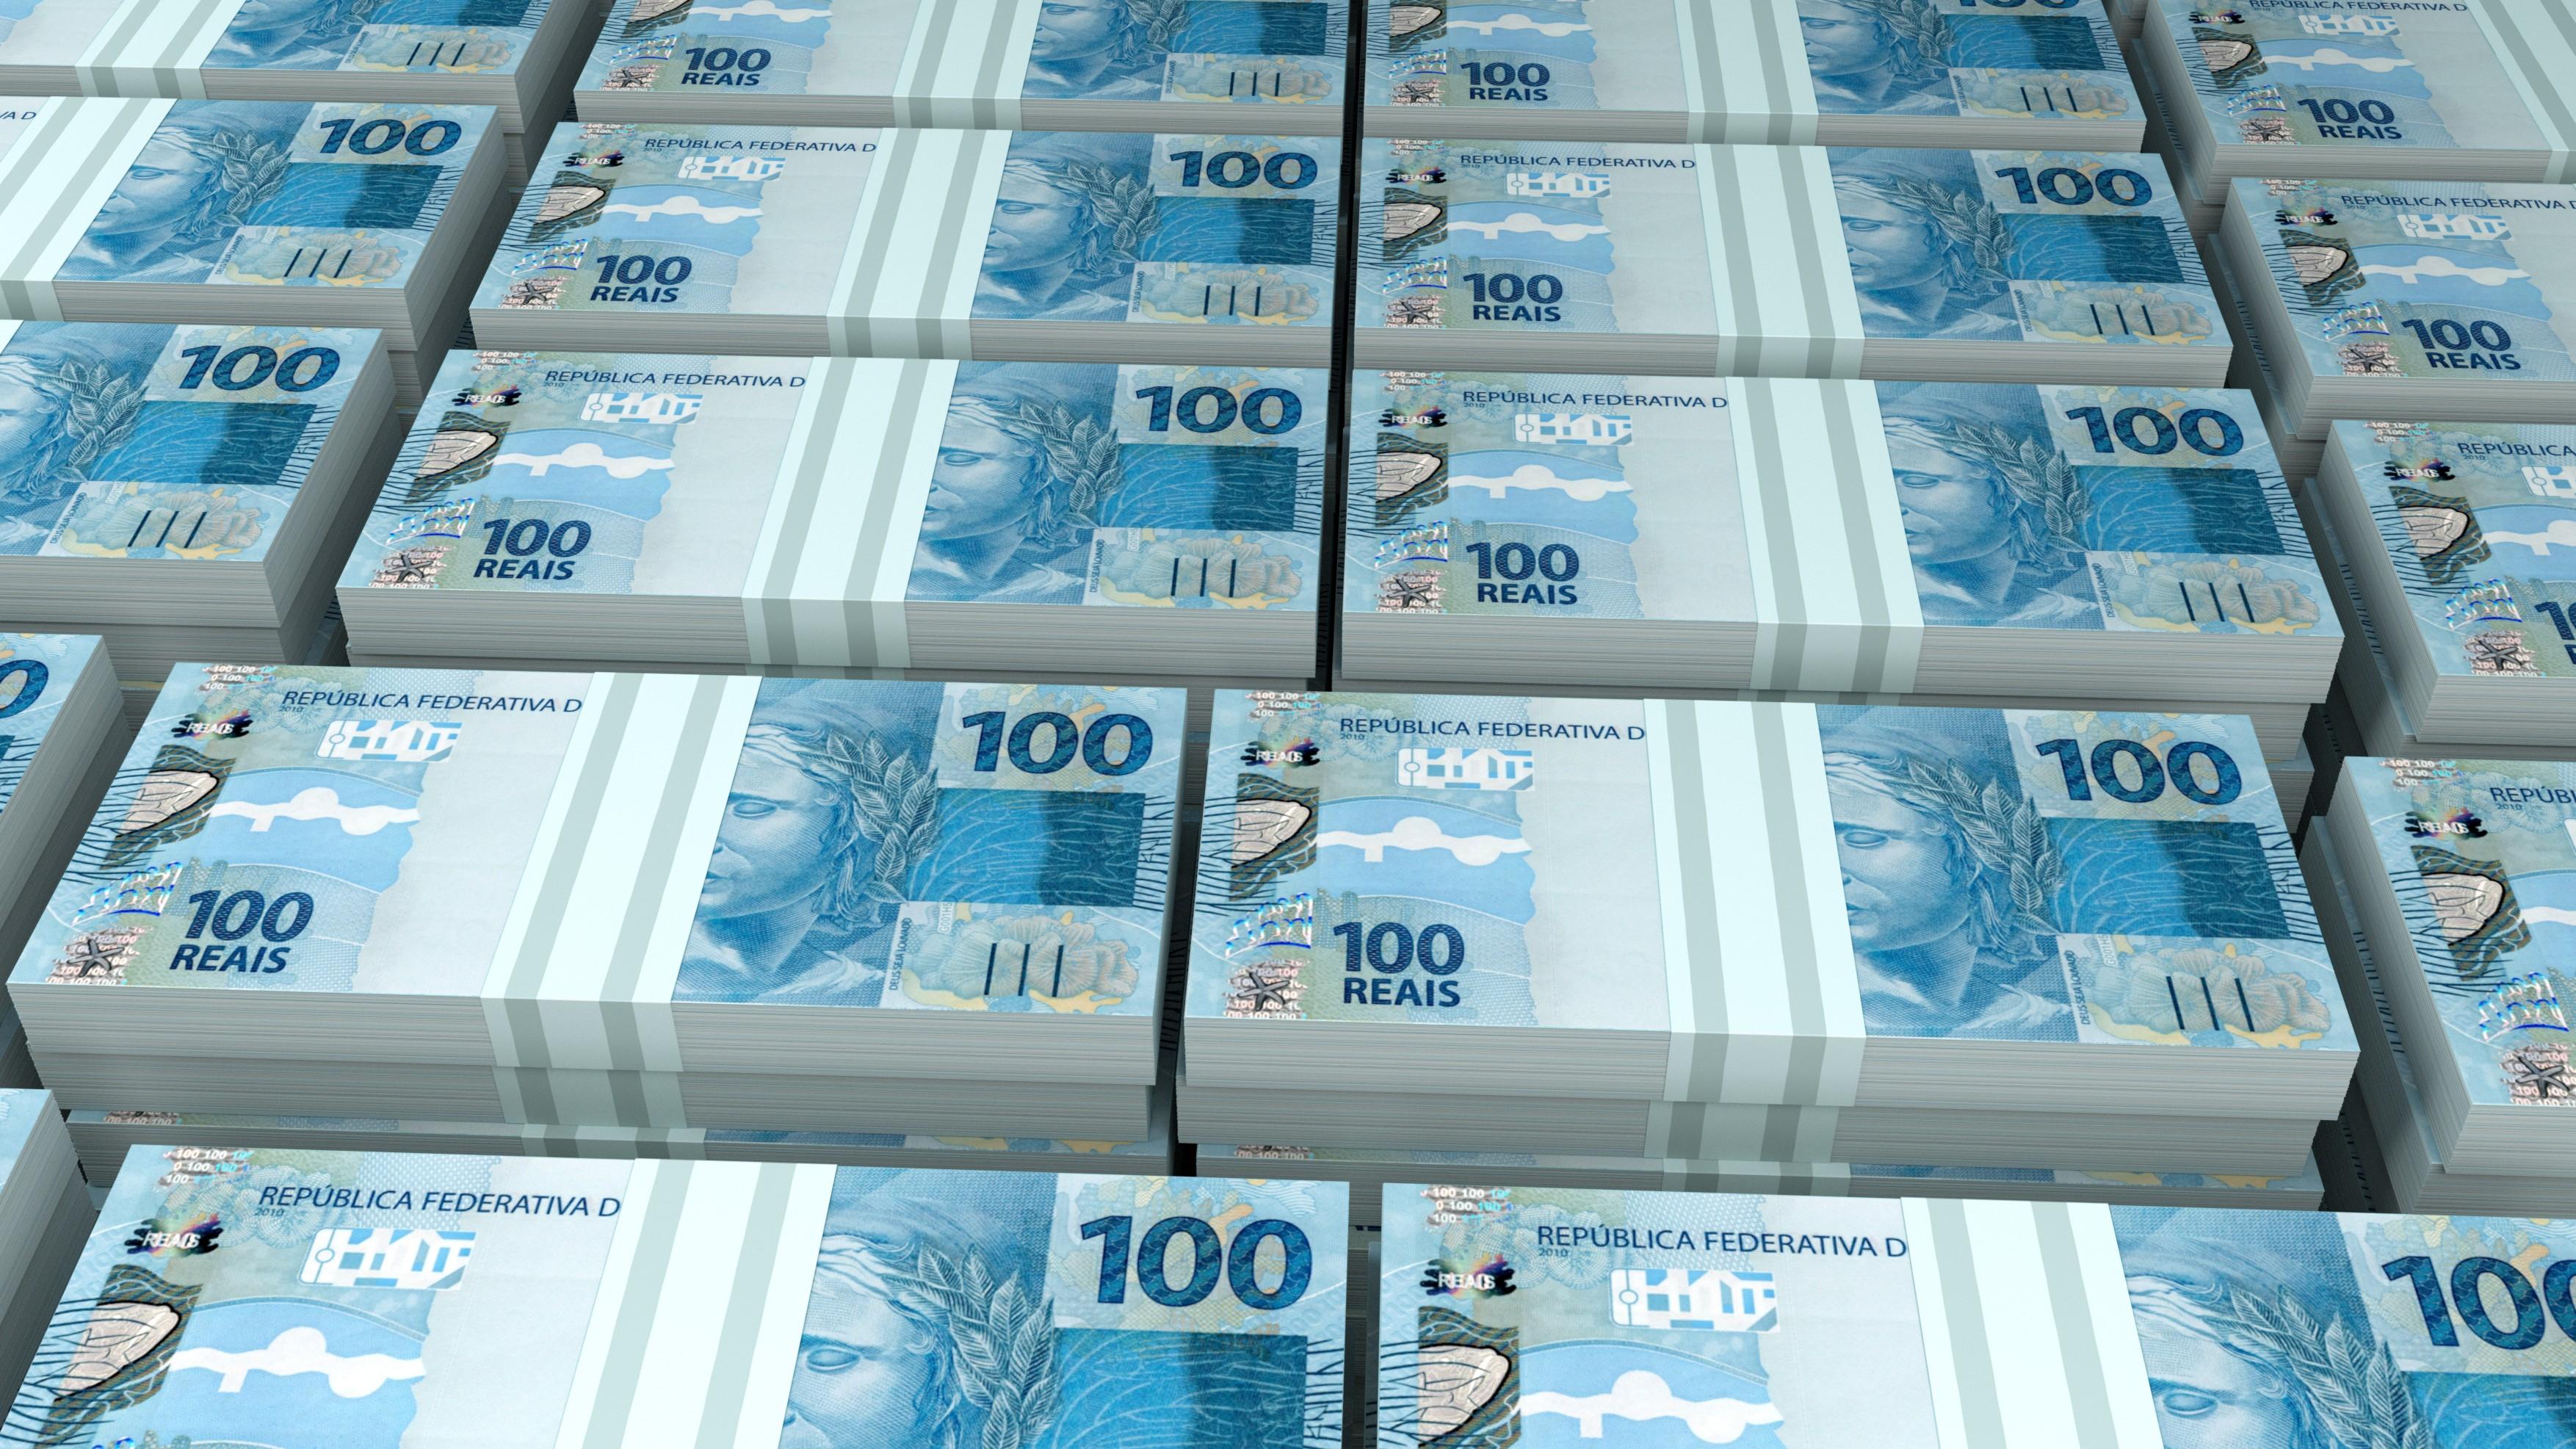 REPORTAGEM ESPECIAL: Crédito fácil e barato vai reduzir custos financeiros das empresas e estimular investimentos